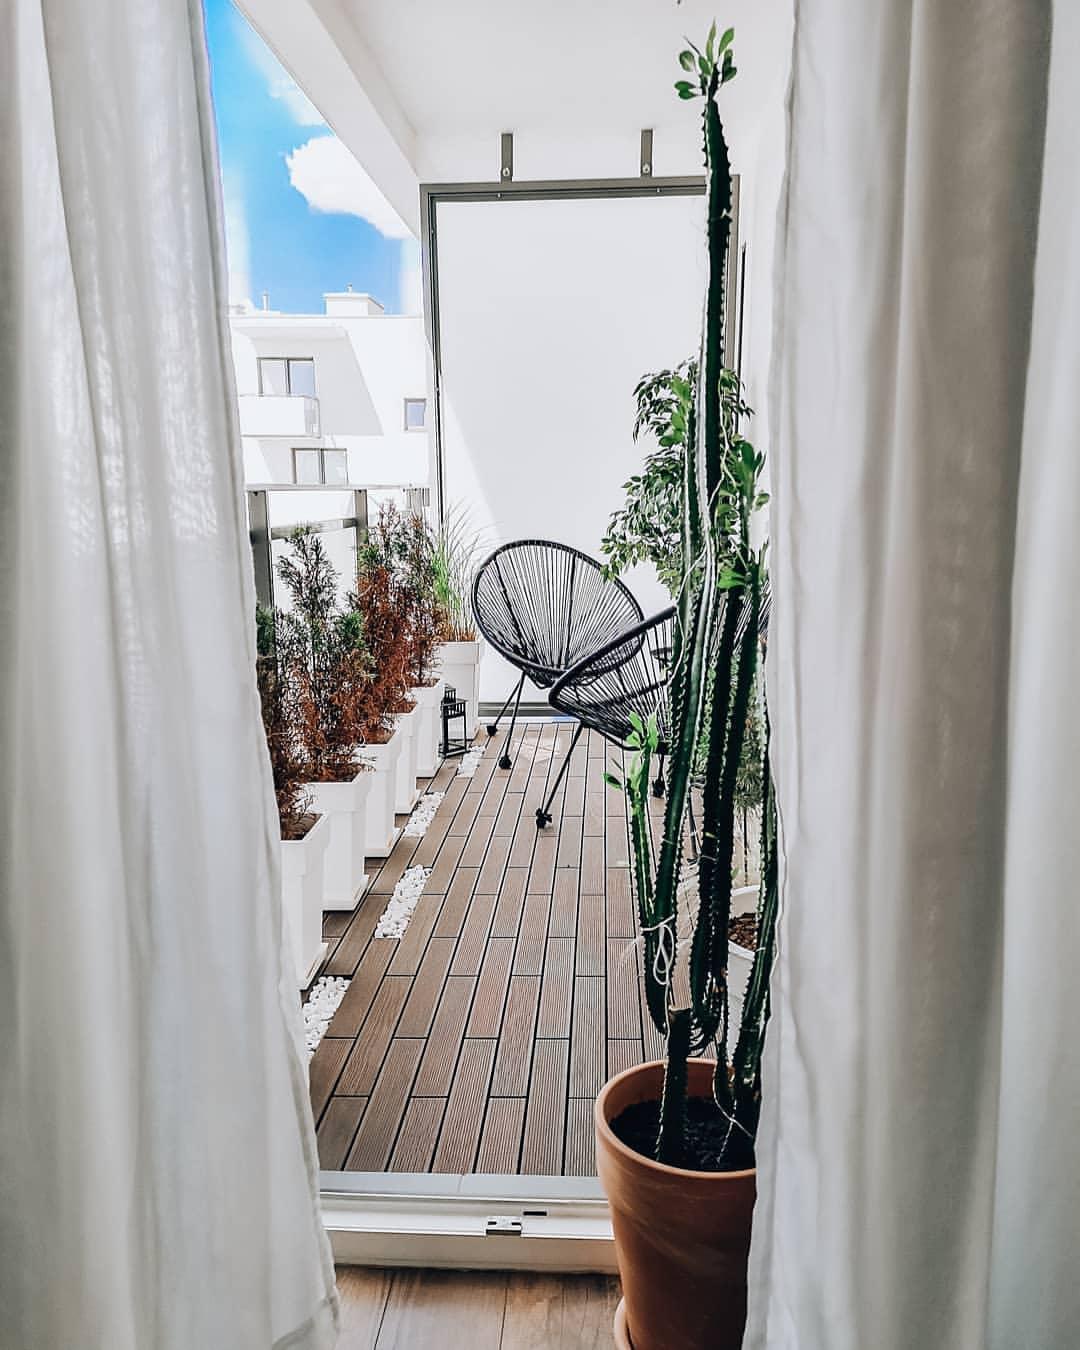 Drevená podlaha na balkón - Terasu. Terasové dlaždice - Obrázok č. 1